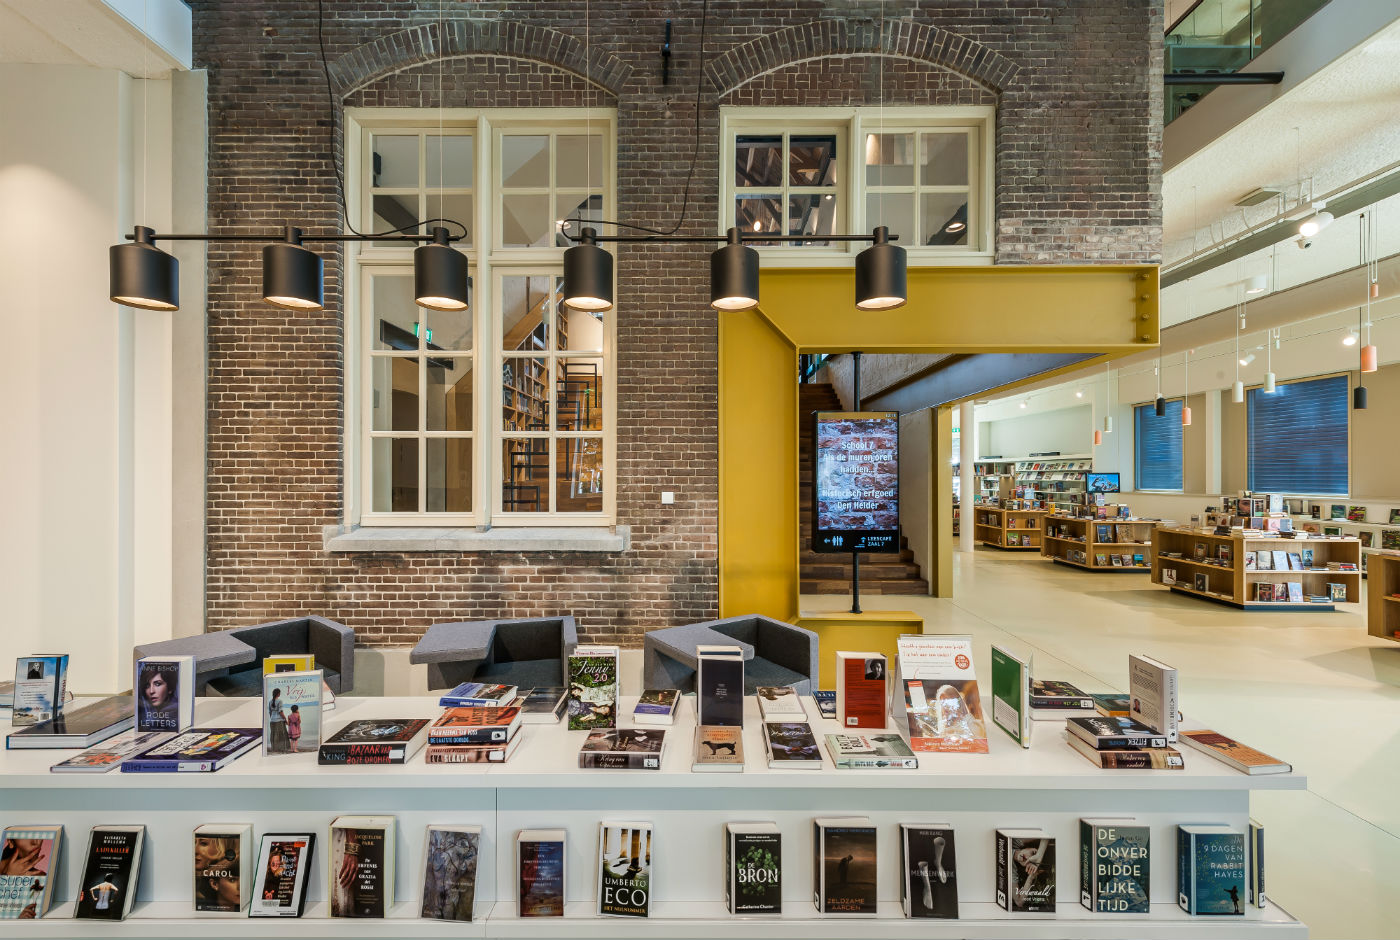 Bibliotheek Den Helder is de beste van de wereld - De Architect